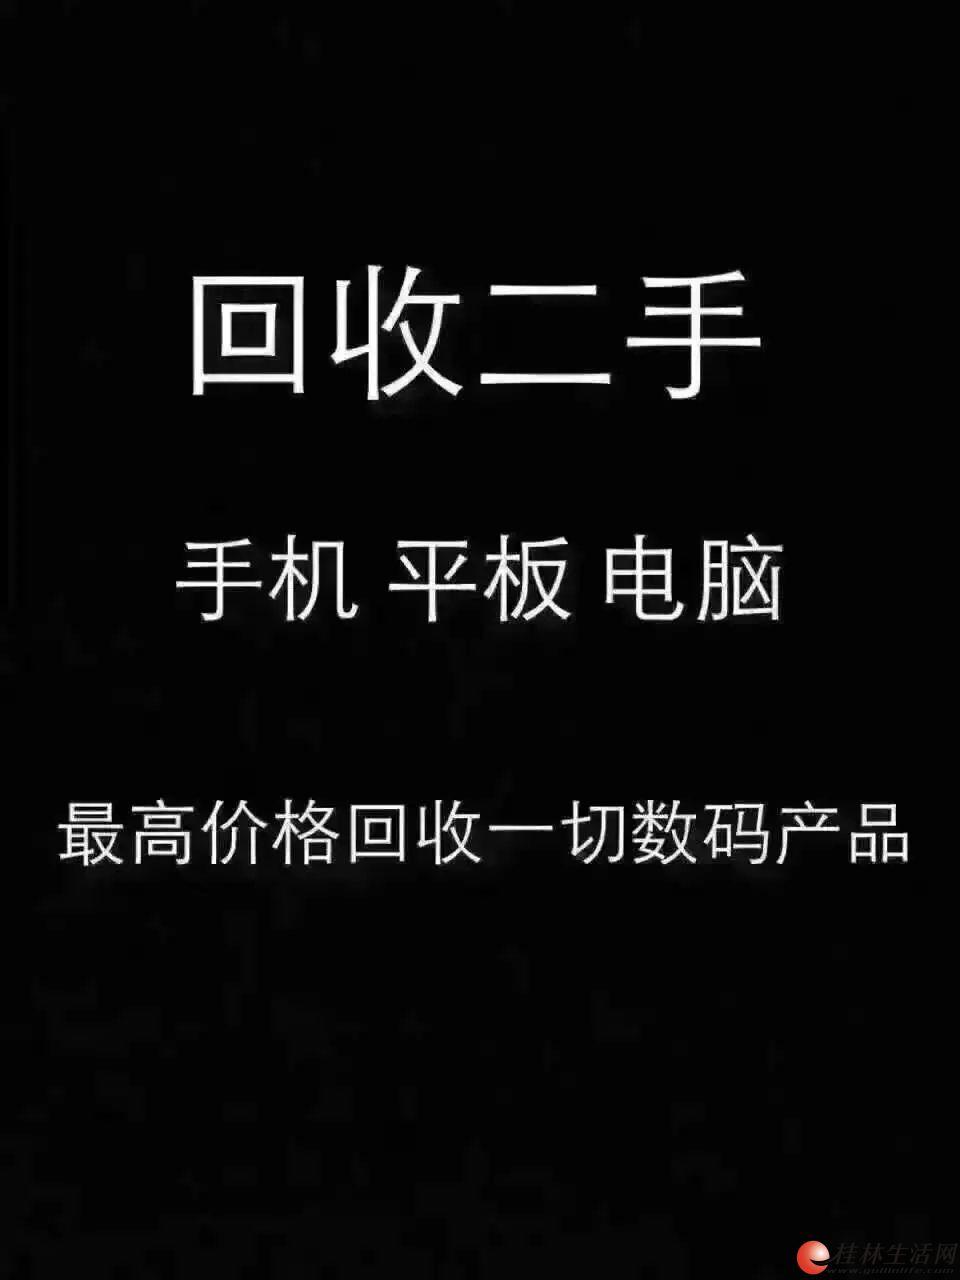 桂林长期大量回收全新 二手各大品牌手机 支持抵押贷款 以旧换新